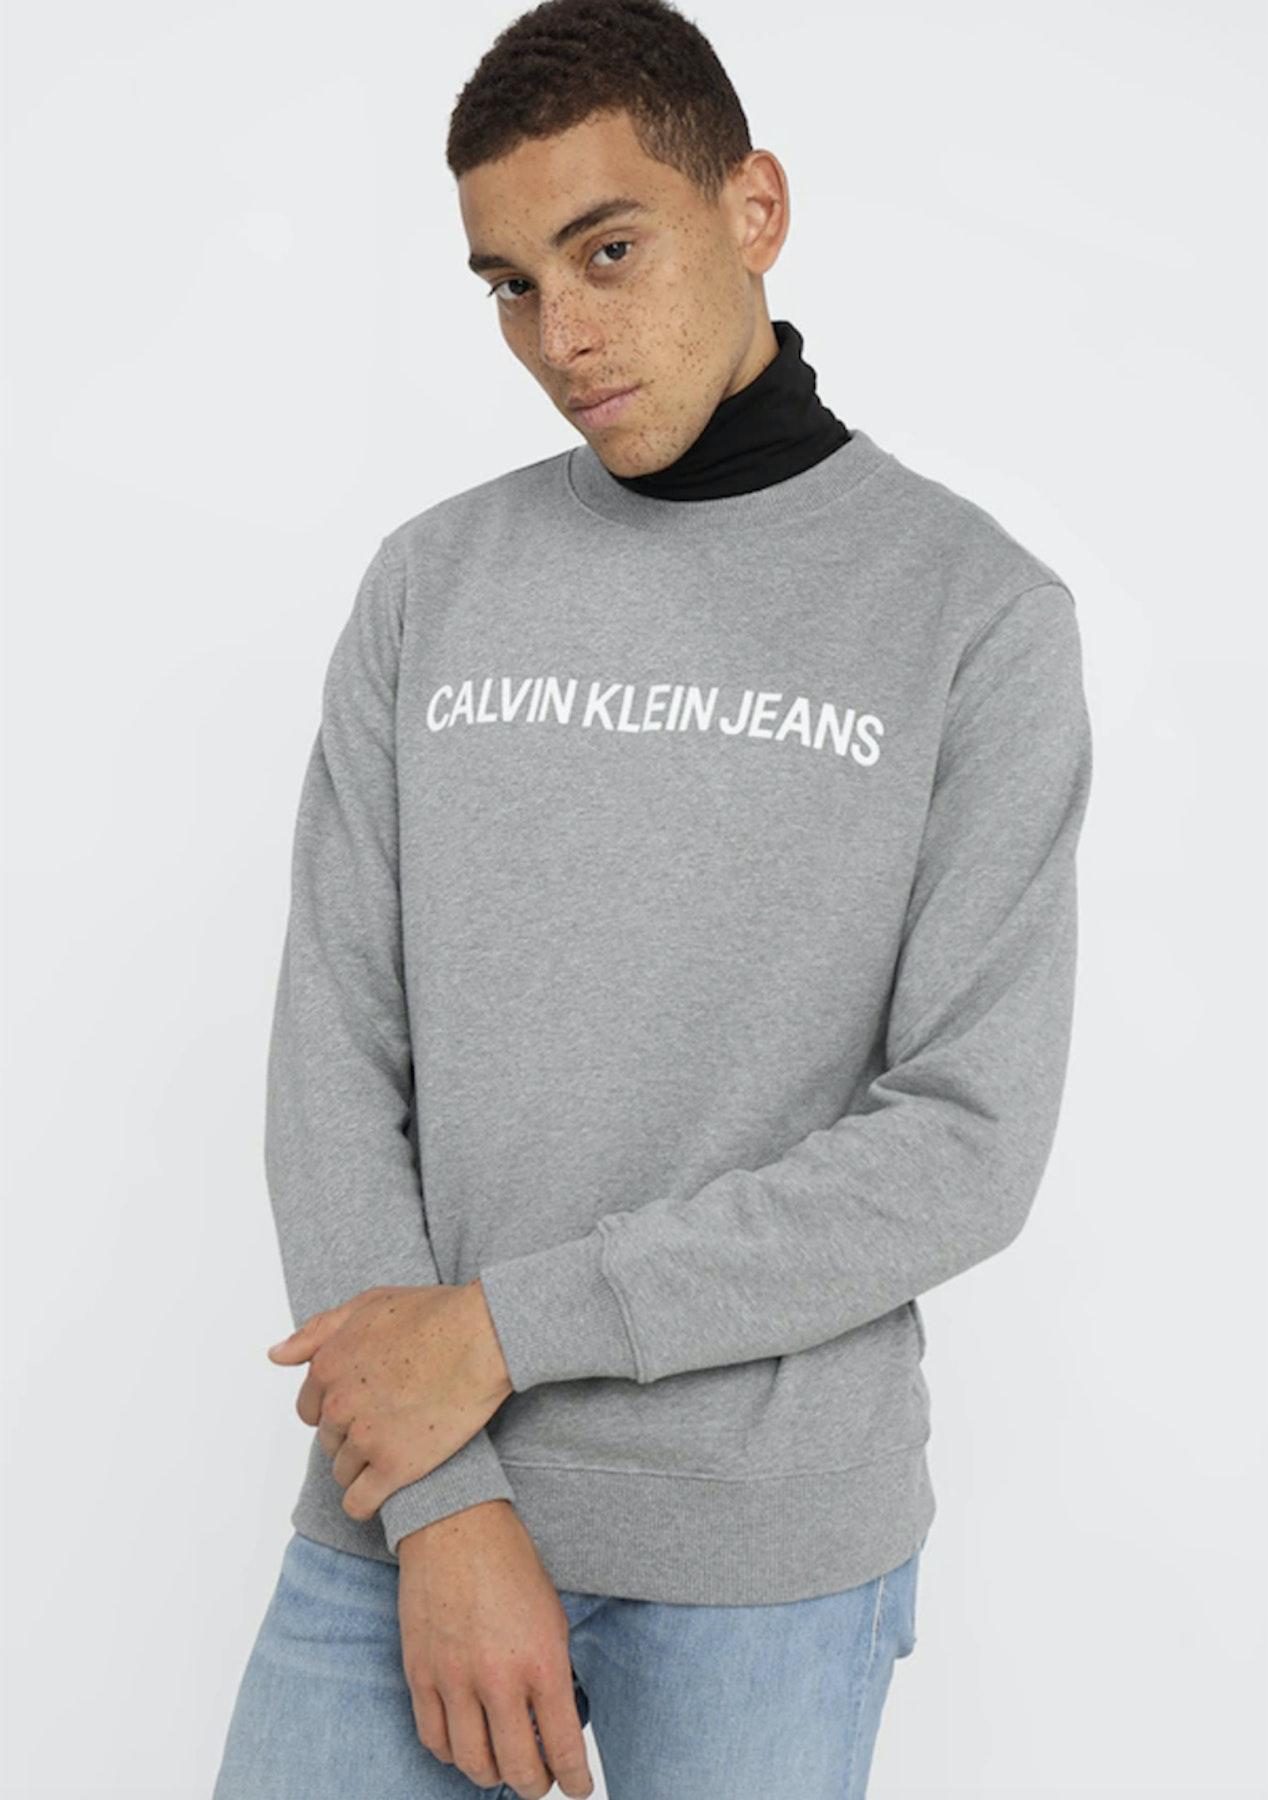 02926089ecfc Calvin Klein Mens - Core Institutional Logo Sweatshirt - Grey Heather - Calvin  Klein Refresh - Onceit